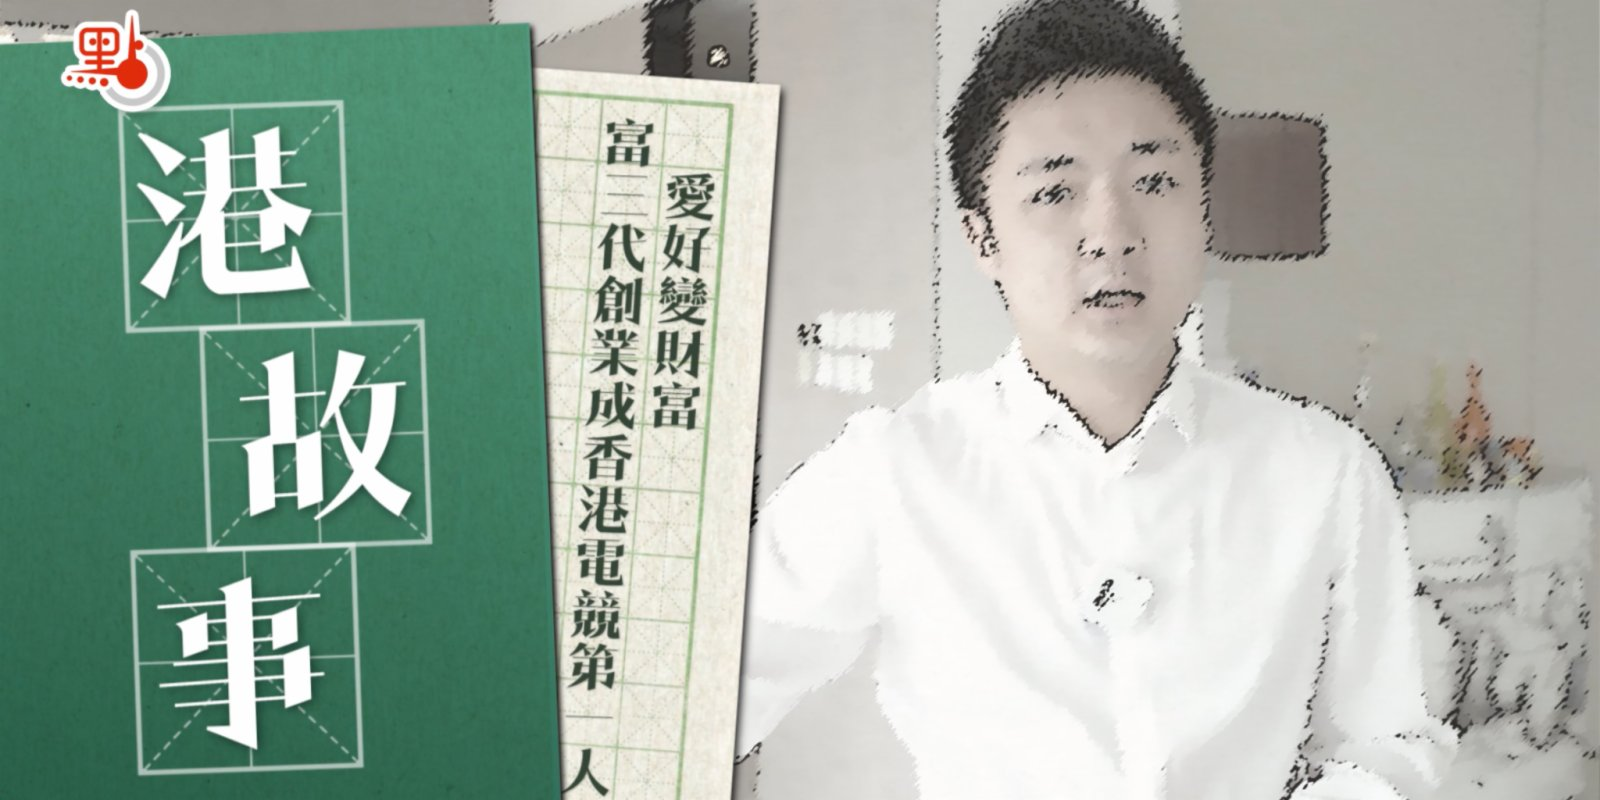 港故事|愛好變財富 富三代創業成香港電競第一人